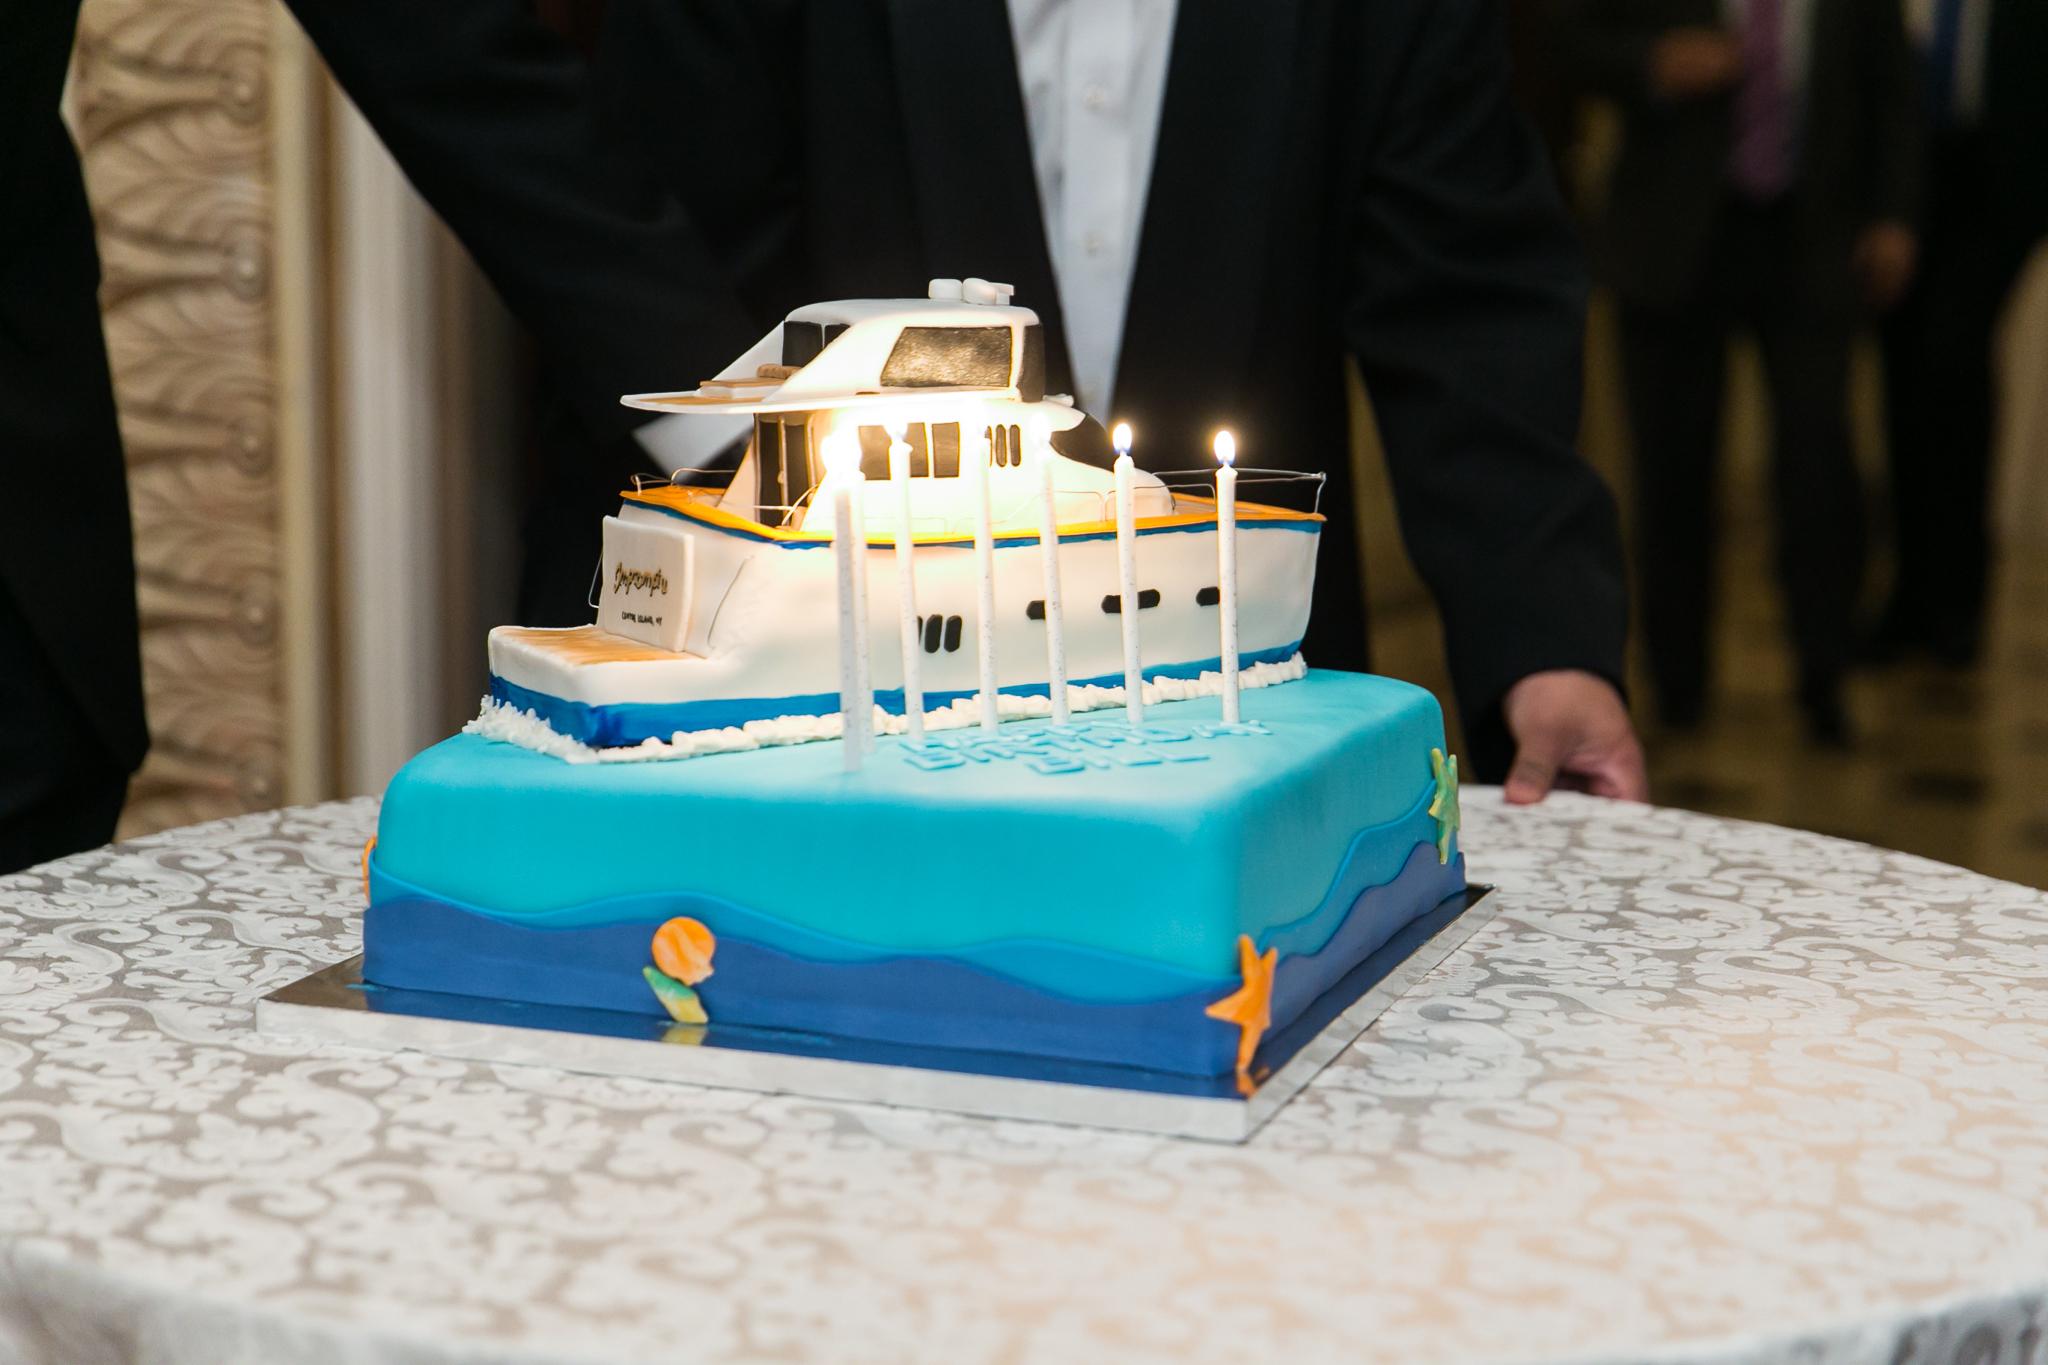 CUSTOM-MADE YACHT BIRTHDAY CAKE